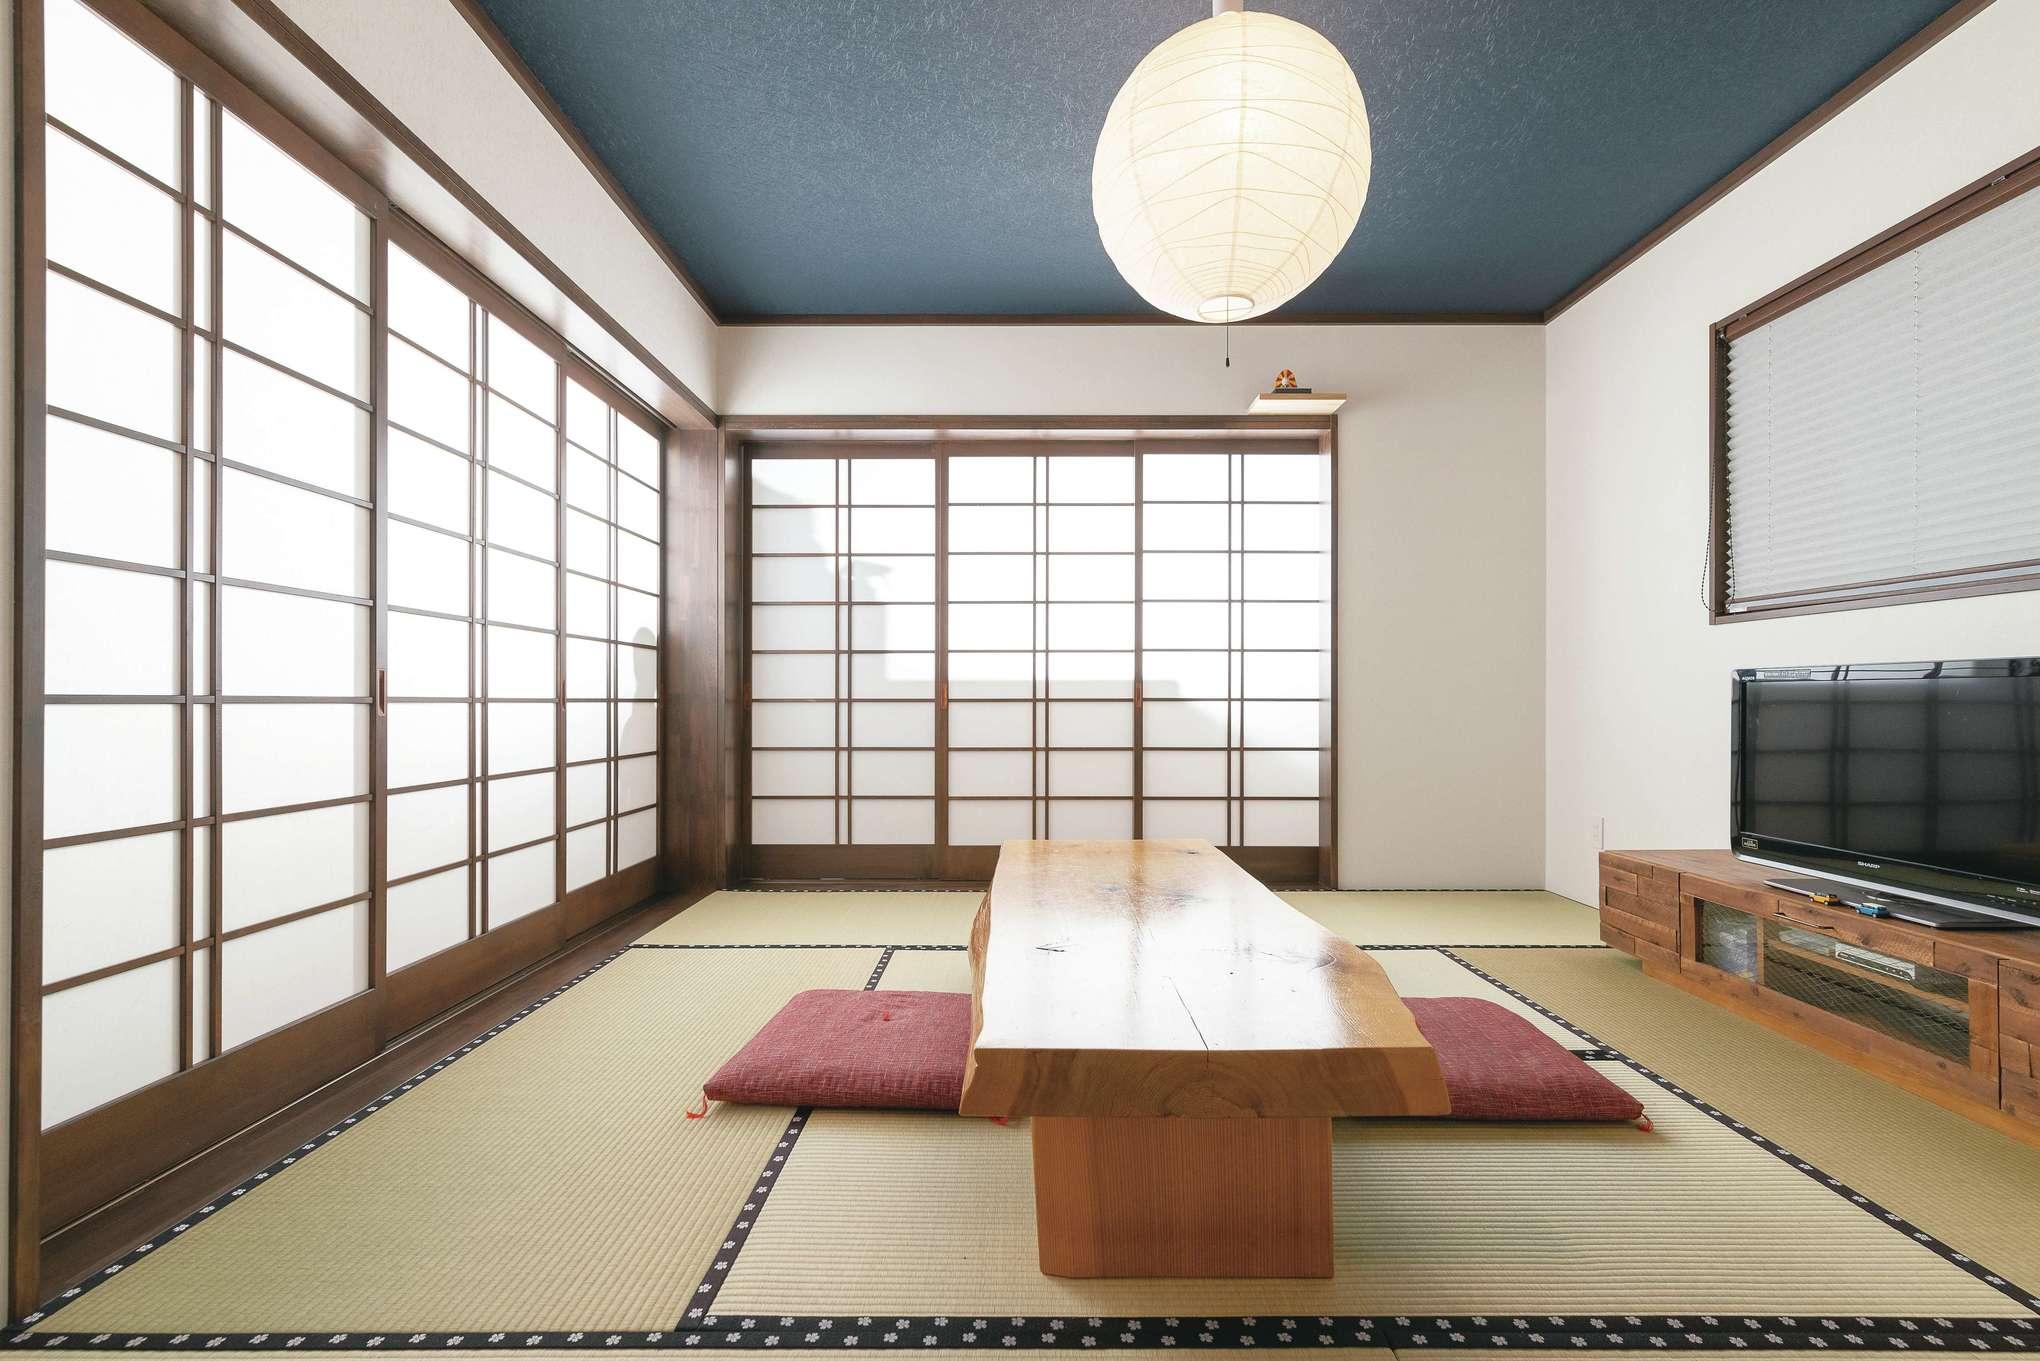 和室は高級旅館のような仕上がり。建具は職人さんの手によるもの。畳縁は奥さまの好きな桜模様に